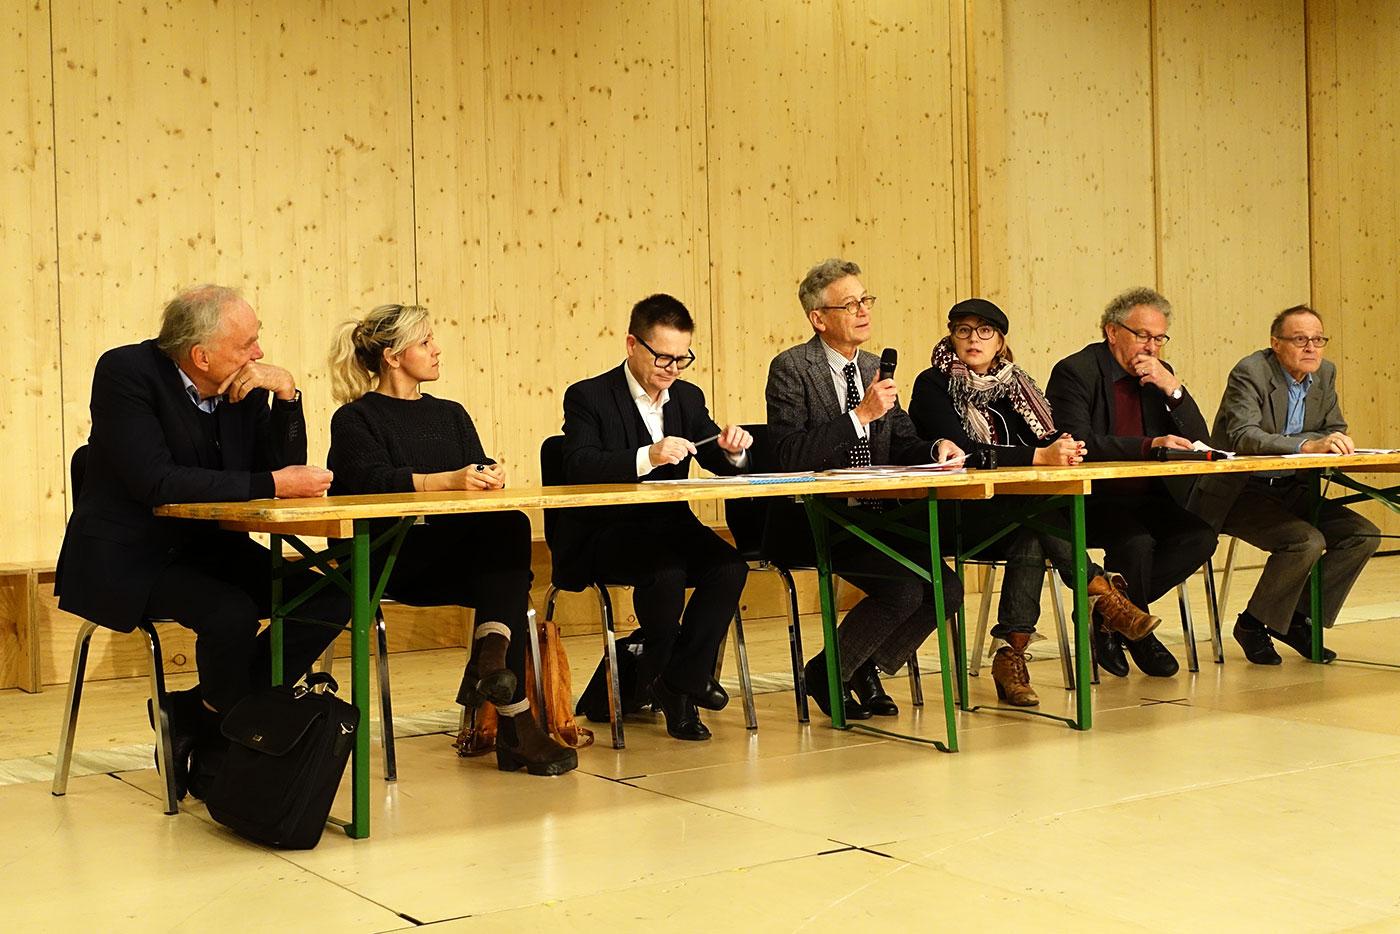 Der Vorstand des Theaterclubs – mit zwei Neuzugängen (von links): Peter Mendler, Jana Avanzini, Stefan Graber, Philipp Zingg, Noemi Wyrsch, Thomas Morger und Michael Kaufmann. (Bild: jwy)